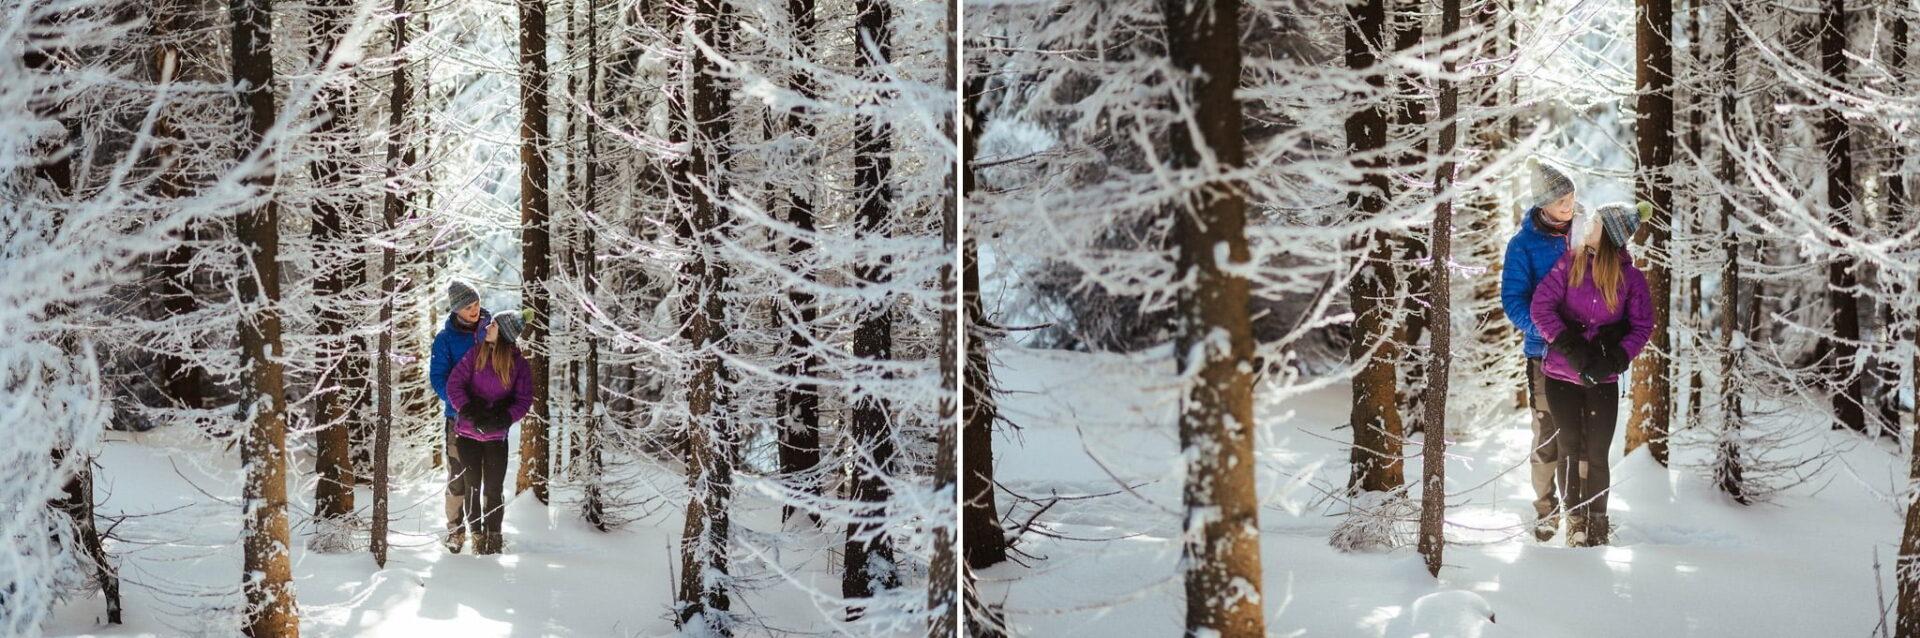 Zimowa sesja narzeczeńska w górach 5